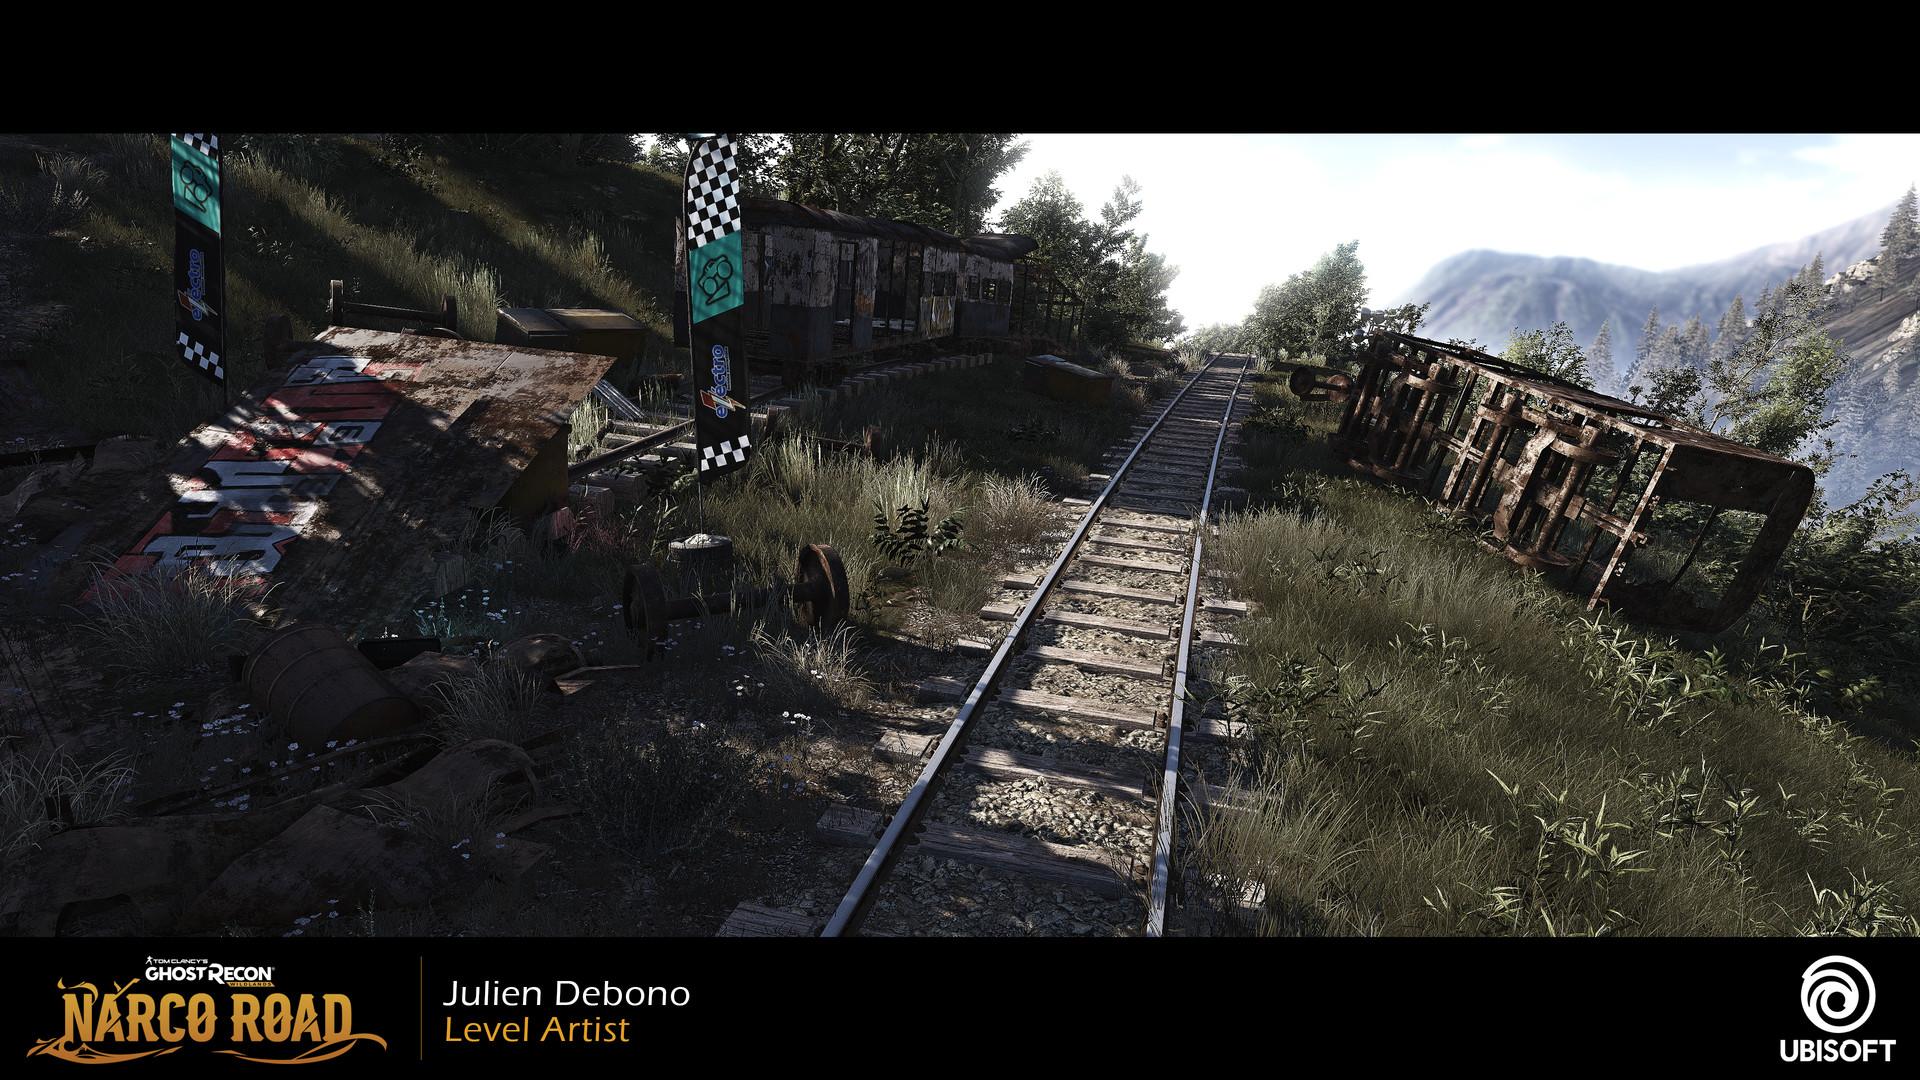 Julien debono jump04 day